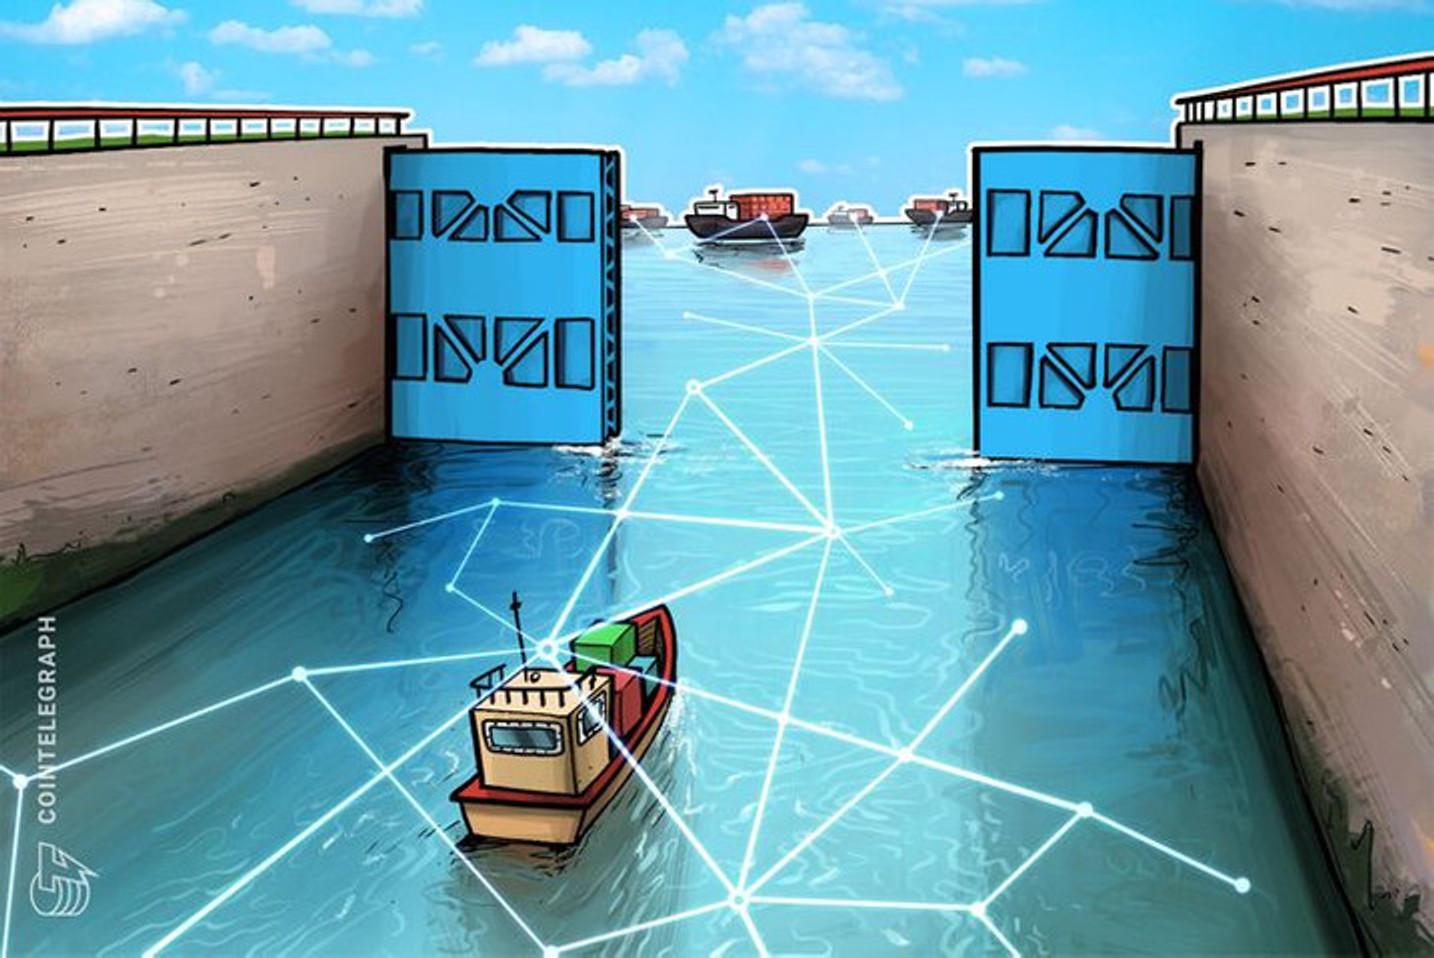 España prevé tomar 41 medidas para convertirse en líder del transporte marítimo en Europa usando tecnología Blockchain